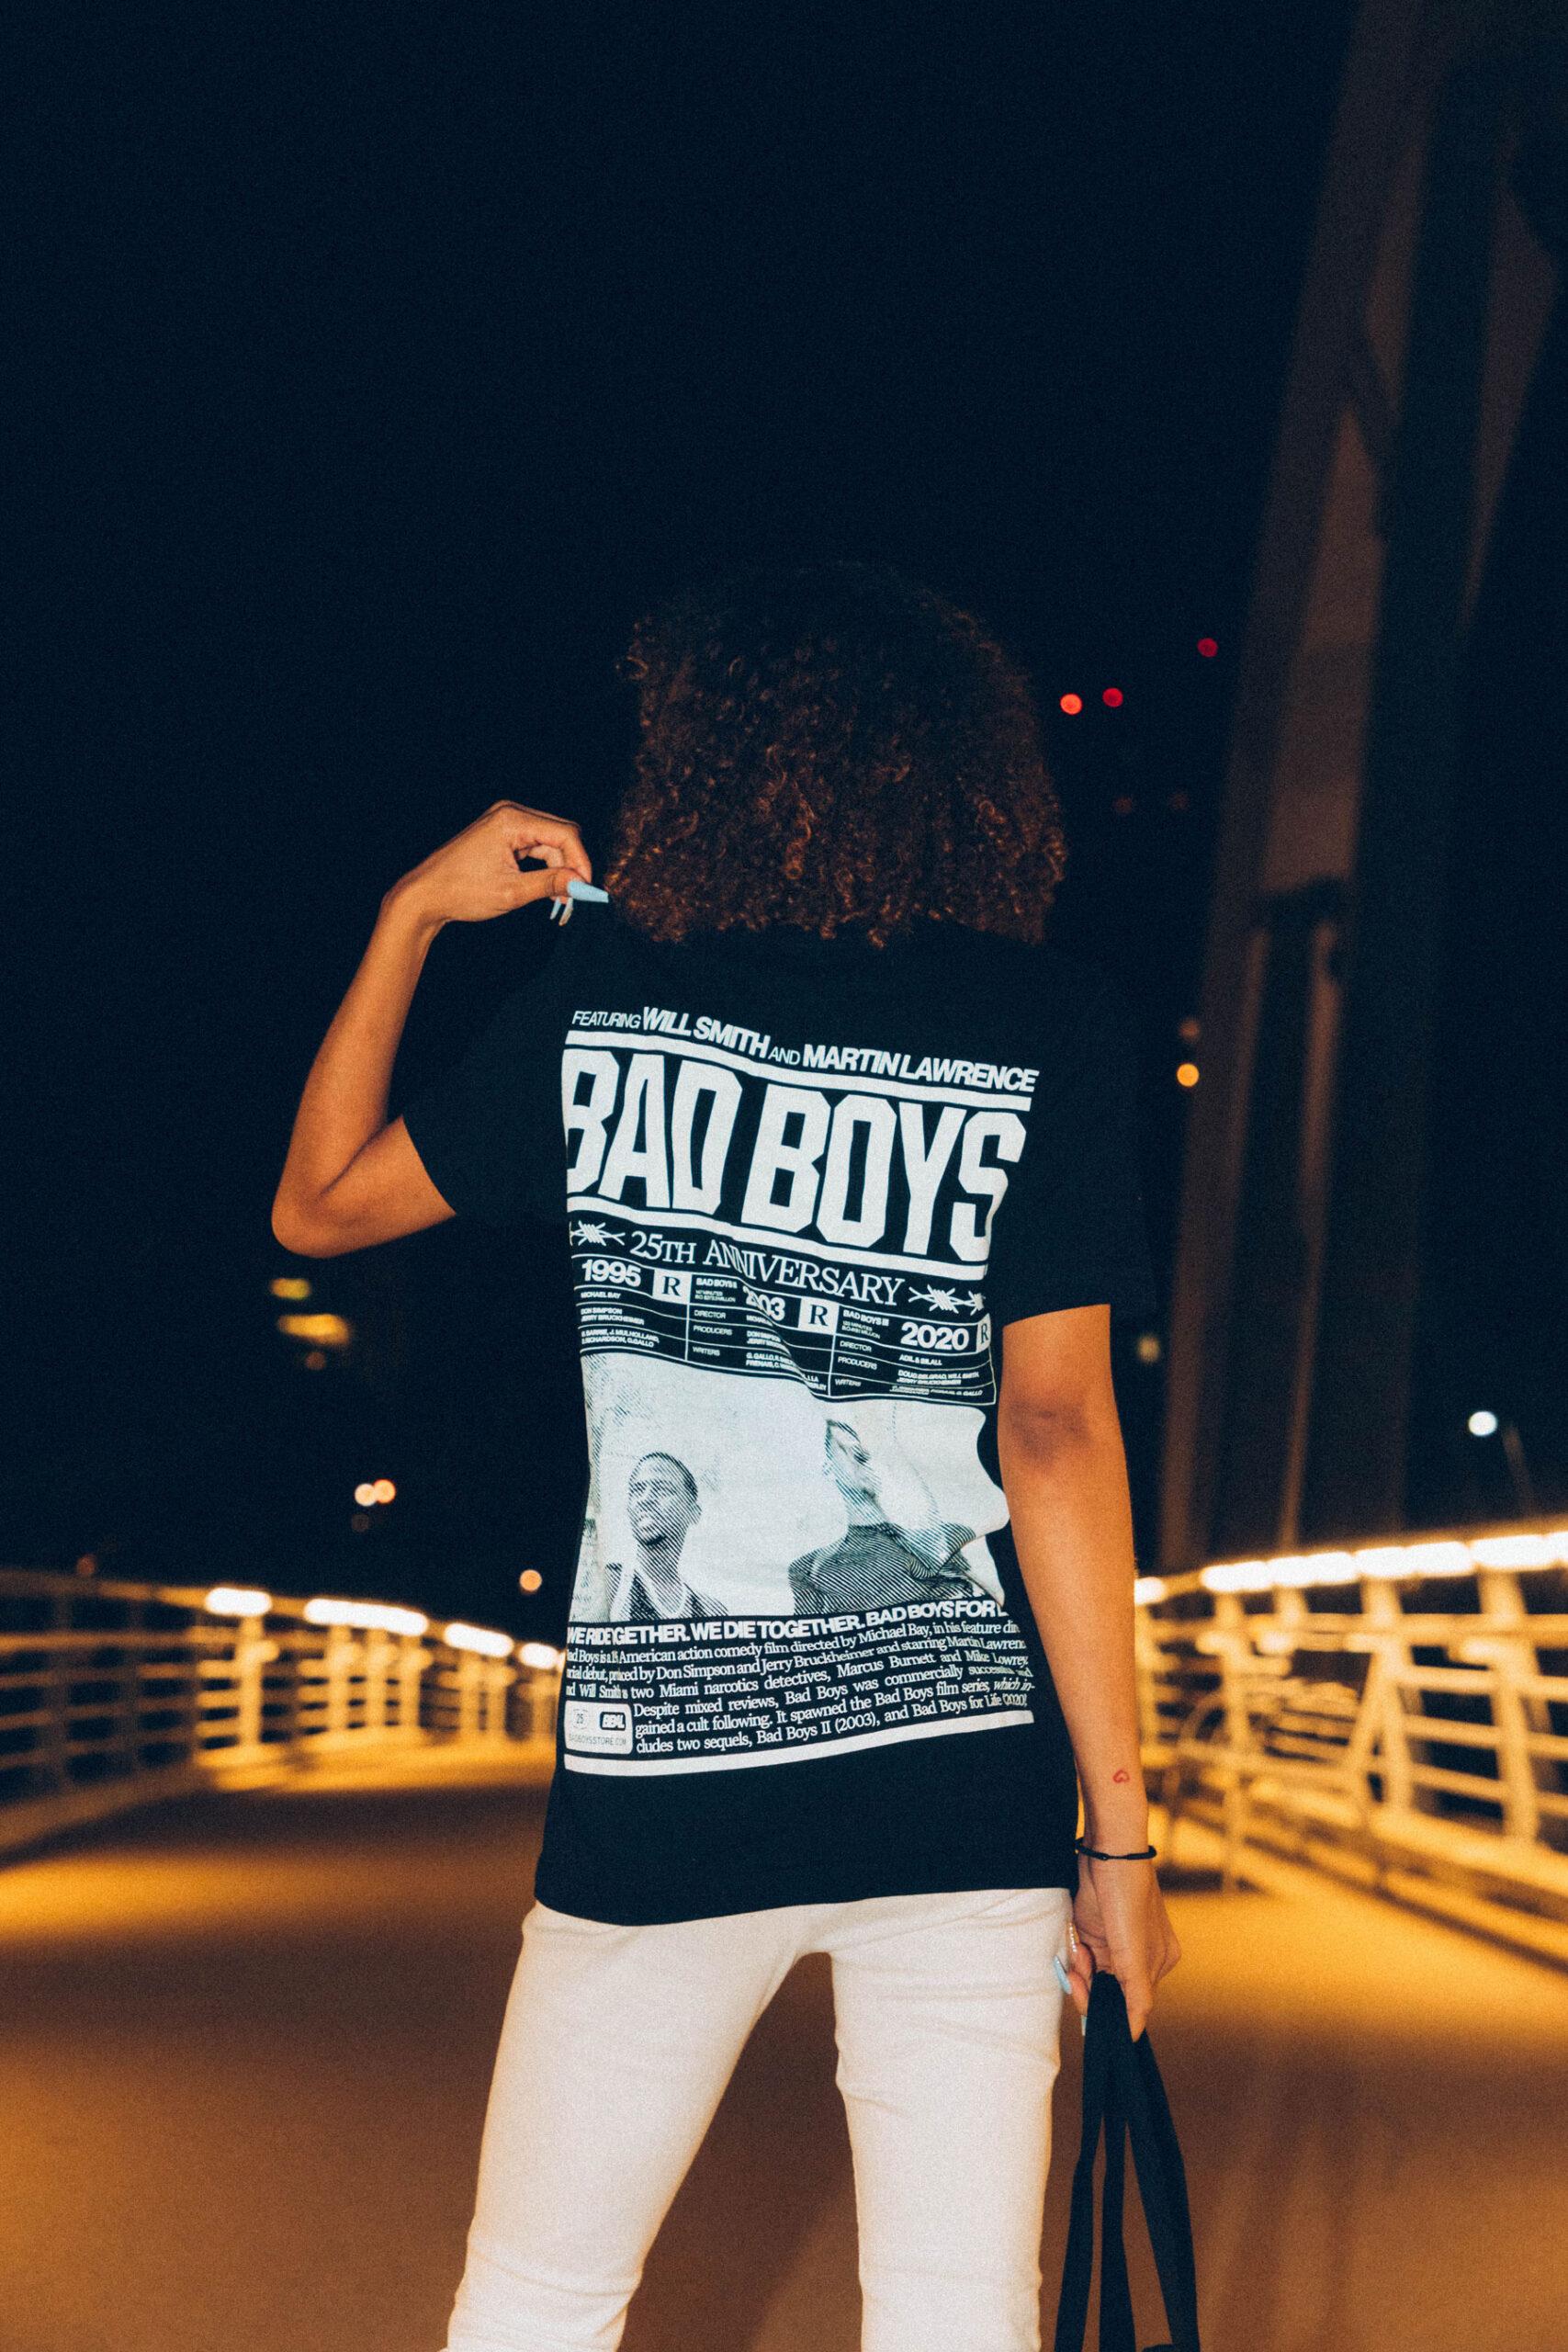 Bad Boys merch